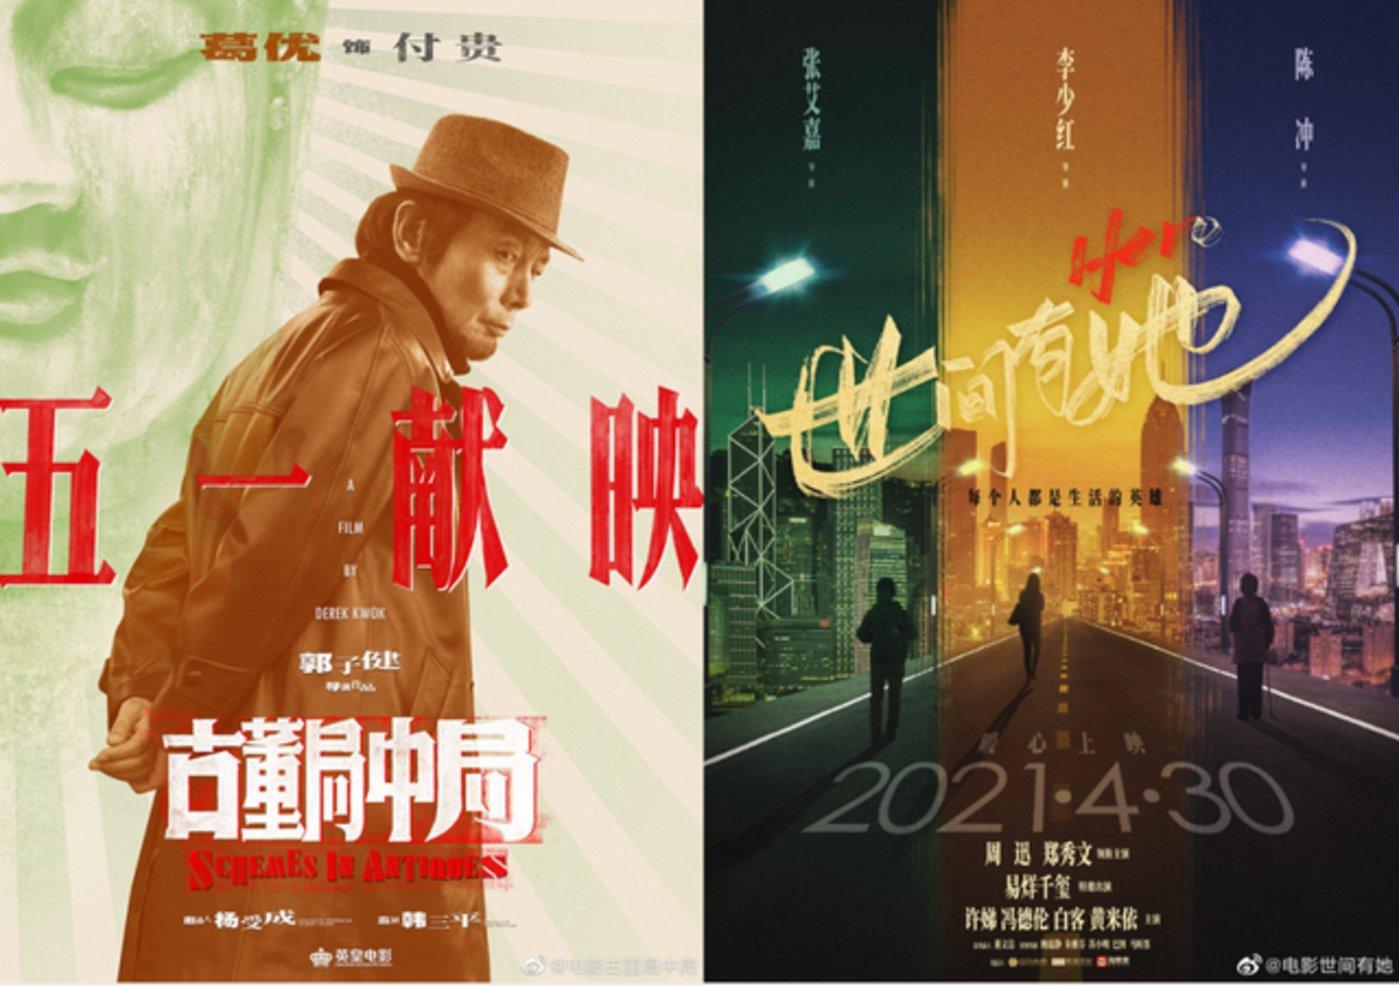 混战「五一档」:中国电影开启内卷模式